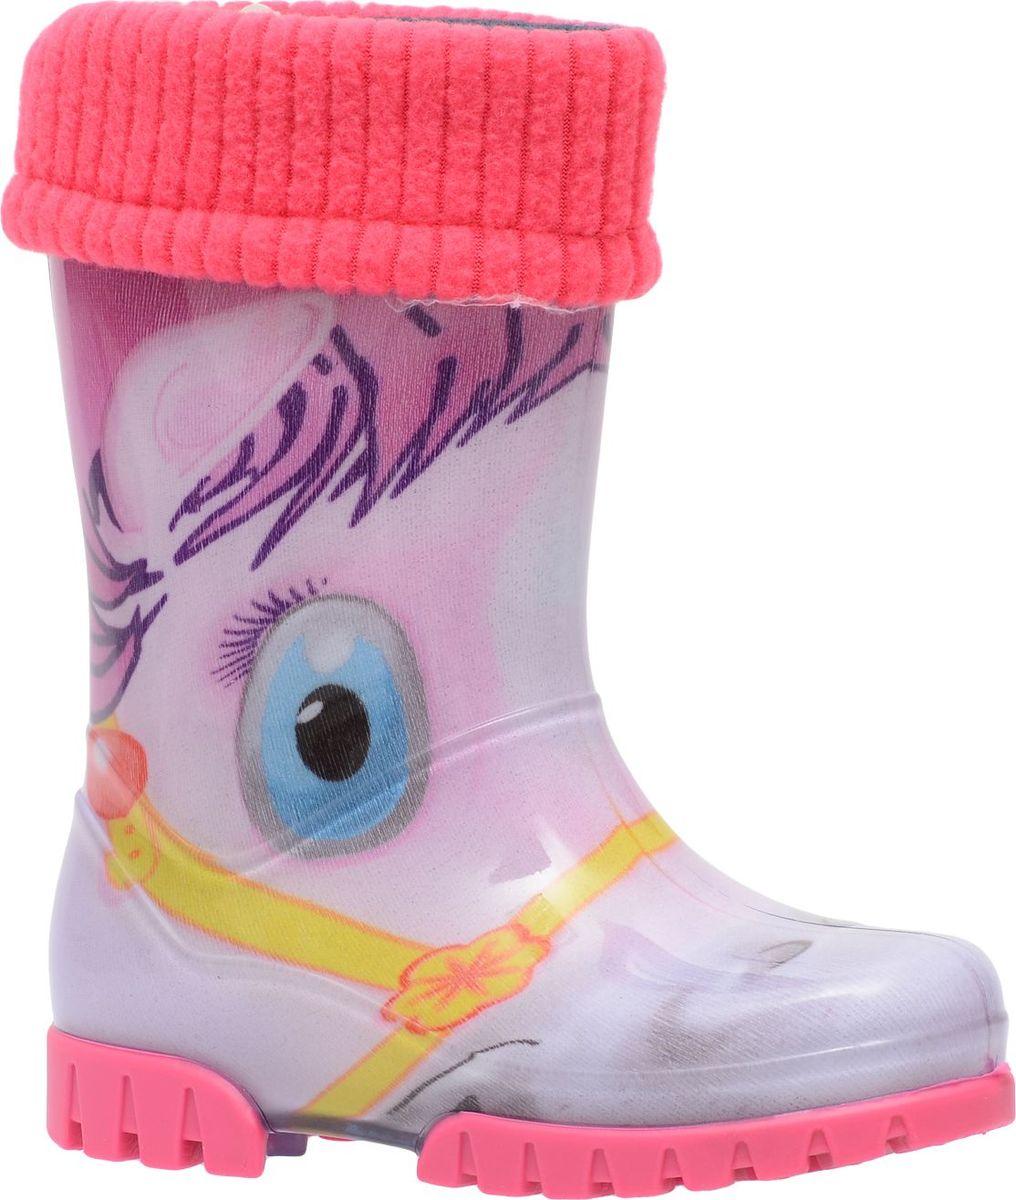 Резиновые сапоги для девочки Demar, цвет: розовый, мультиколор. 0038 HA. Размер 22/230038 HAРезиновые сапоги Demar придутся по душе вам и вашему ребенку! Модель изготовлена из качественной резины и оформлена ярким рисунком. Главным преимуществом резиновых сапожек является наличие съемного текстильного чулка, который можно вынуть и легко просушить. Подошва с рифлением обеспечивает идеальное сцепление с любыми поверхностями. Такие чудесные сапожки займут достойное место в гардеробе вашего ребенка.